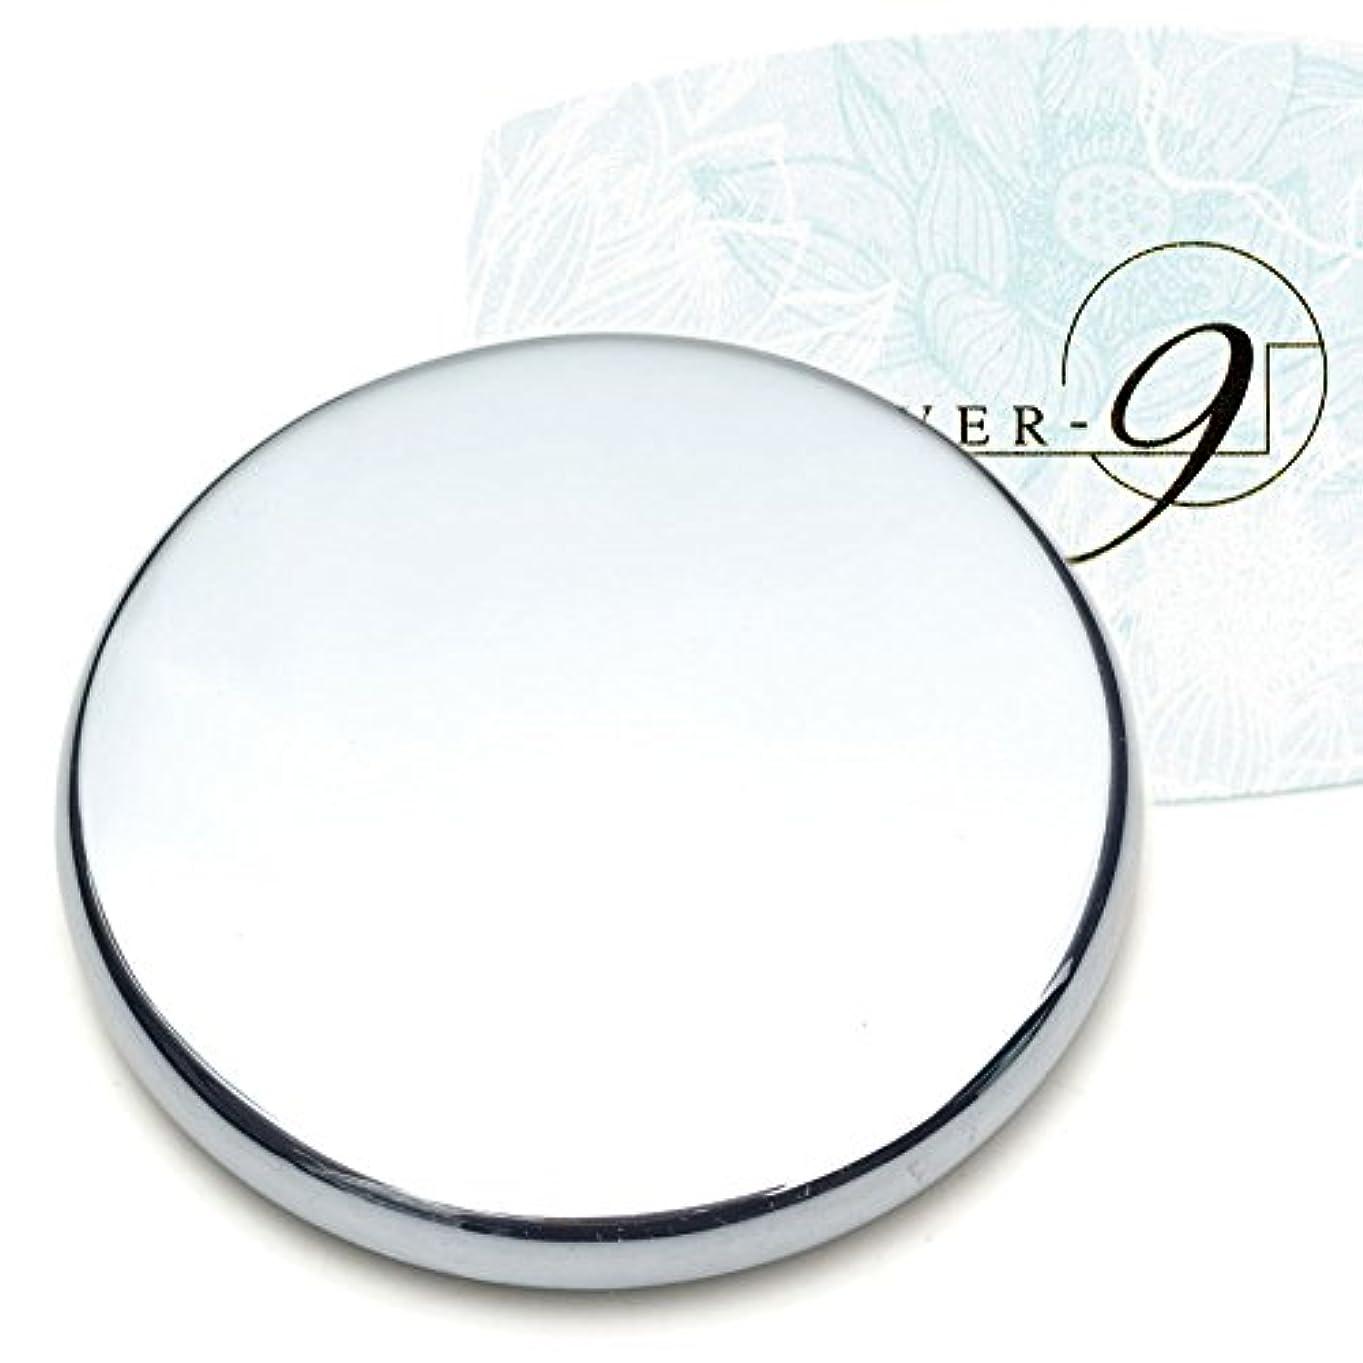 資料そばに手書き[OVER-9®] テラヘルツ鉱石 エステ用 丸型 円盤 プレート 公的機関にて検査済み!パワーストーン 天然石 健康 美容 美顔 かっさ グッズ お風呂